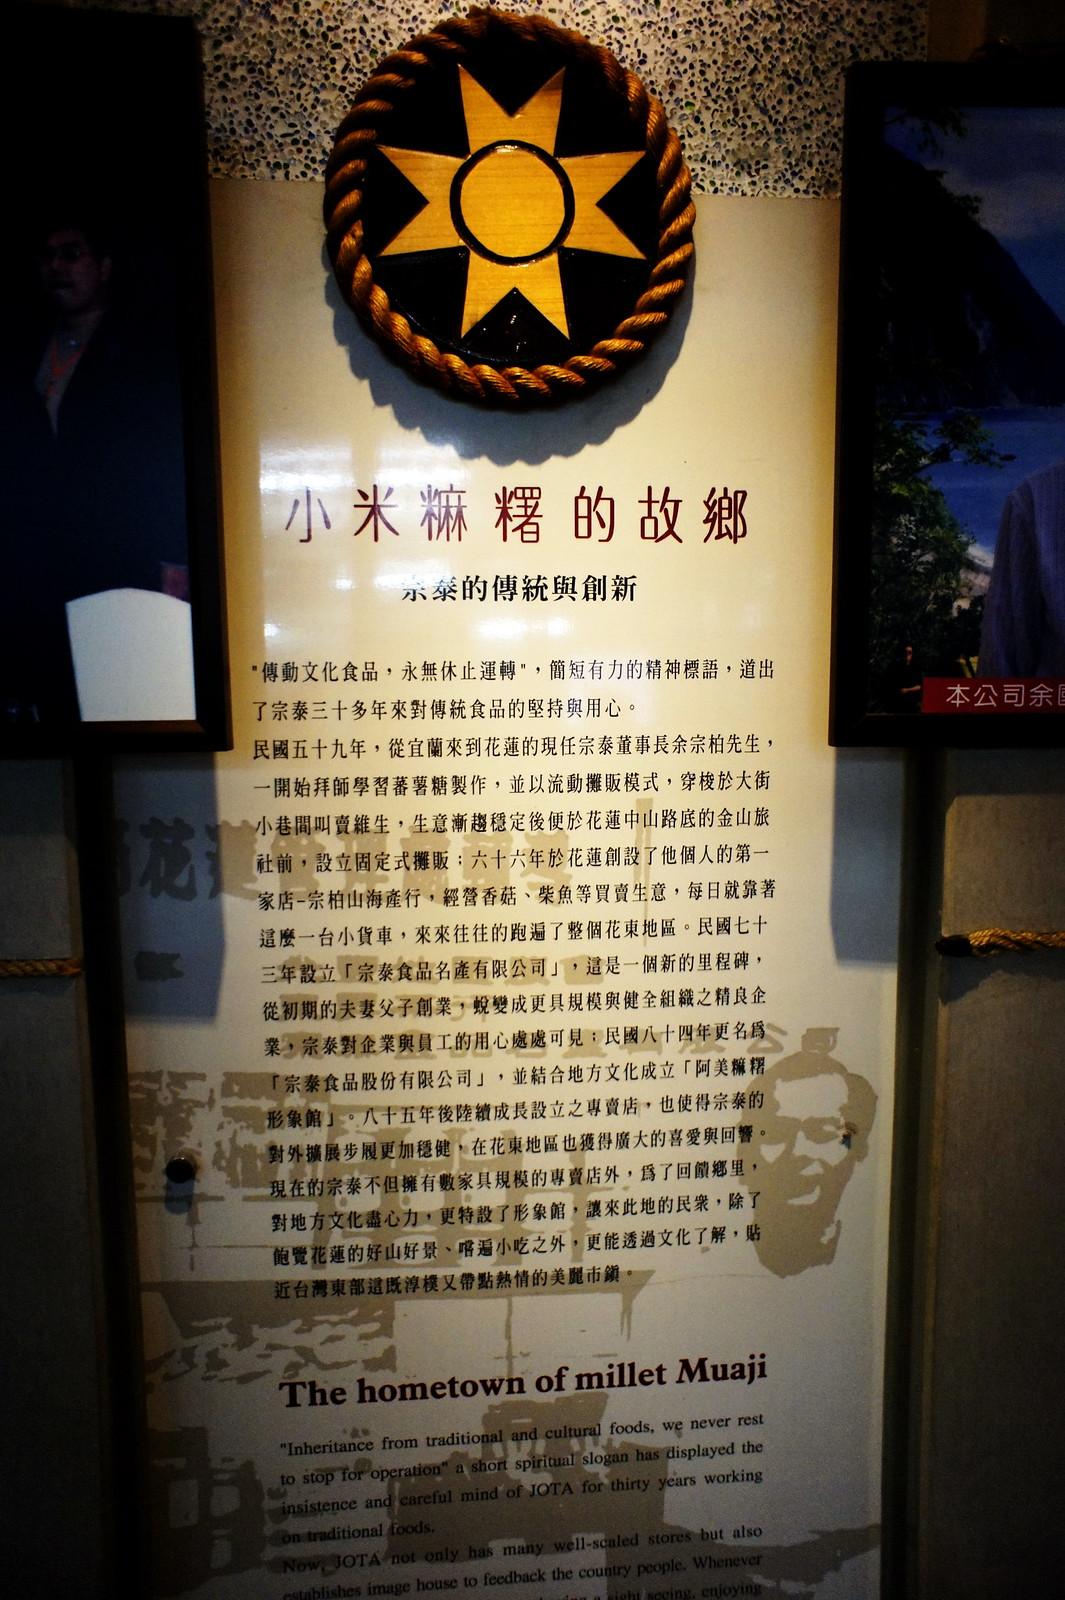 吉安鄉阿美小米文化館 (5)